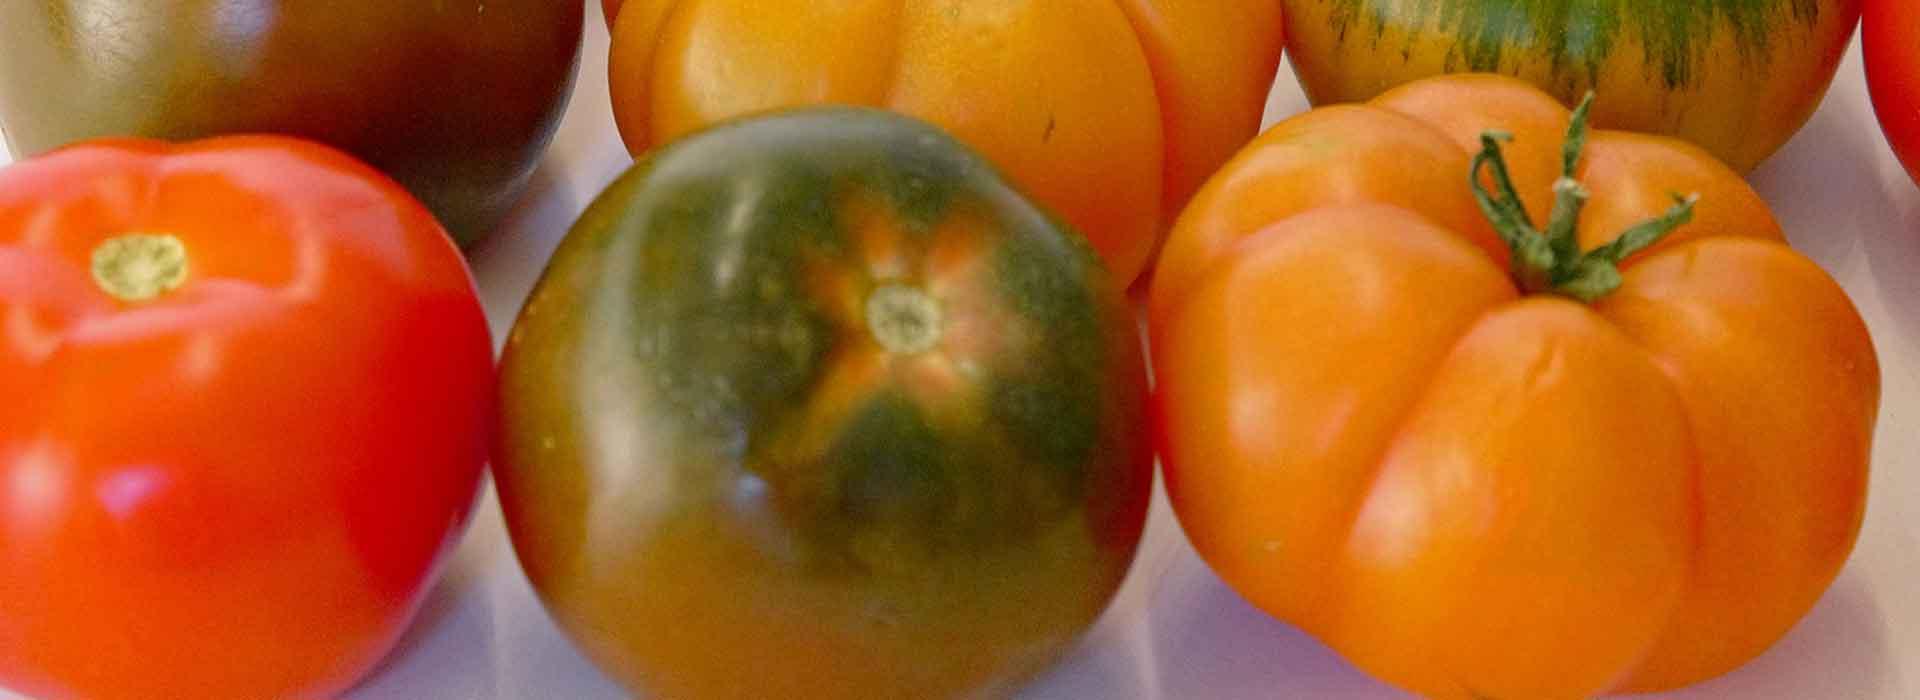 Top tomato varieties   Sustainable Gardening Australia